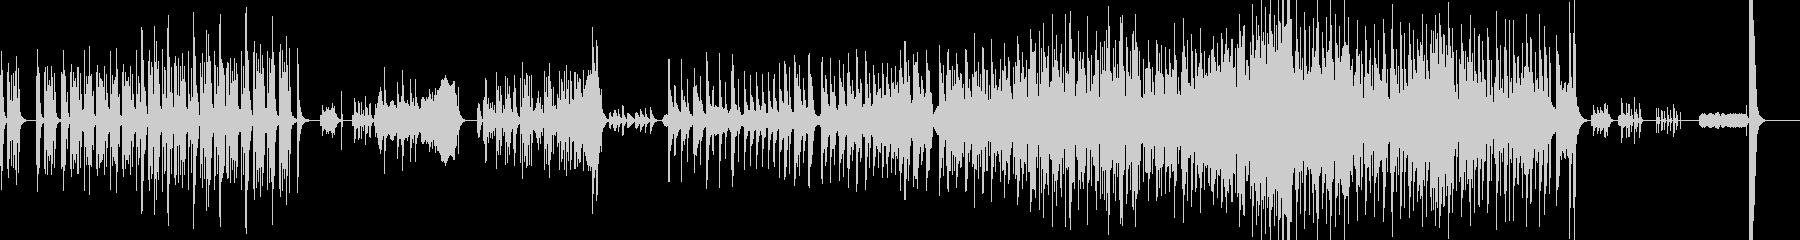 和太鼓・マリンバと弦のアンサンブルの未再生の波形